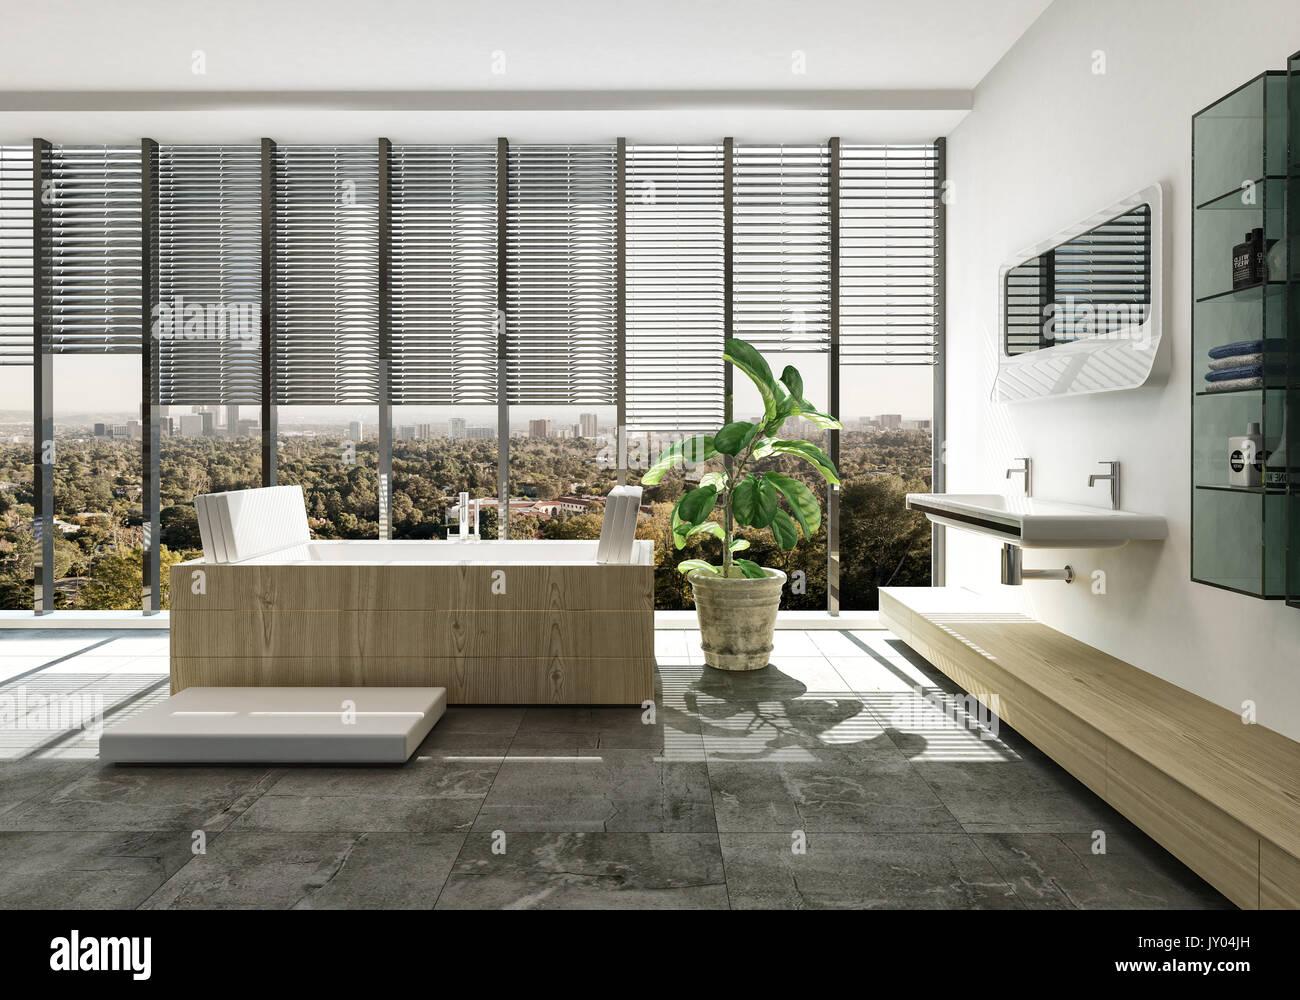 Entzuckend Elegante Luxus Badezimmer Einrichtung Mit Designer Rechteckige Wanne Und  Wand Montiert Eitelkeit über Einen Fliesenboden Mit Topfpflanzen Und Großen  ...